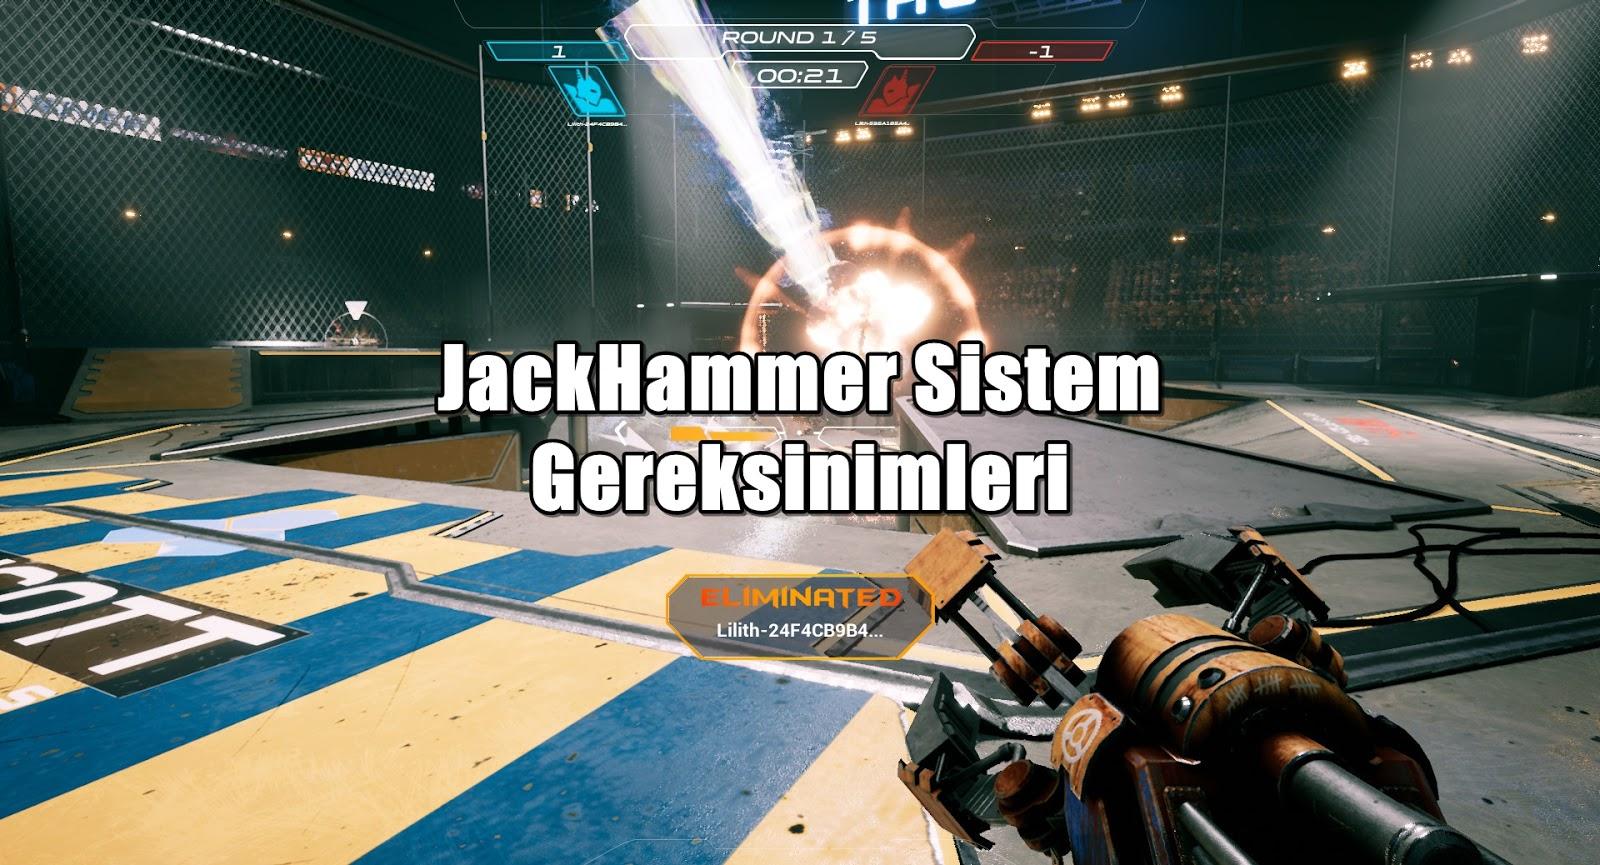 JackHammer-Sistem-Gereksinimler